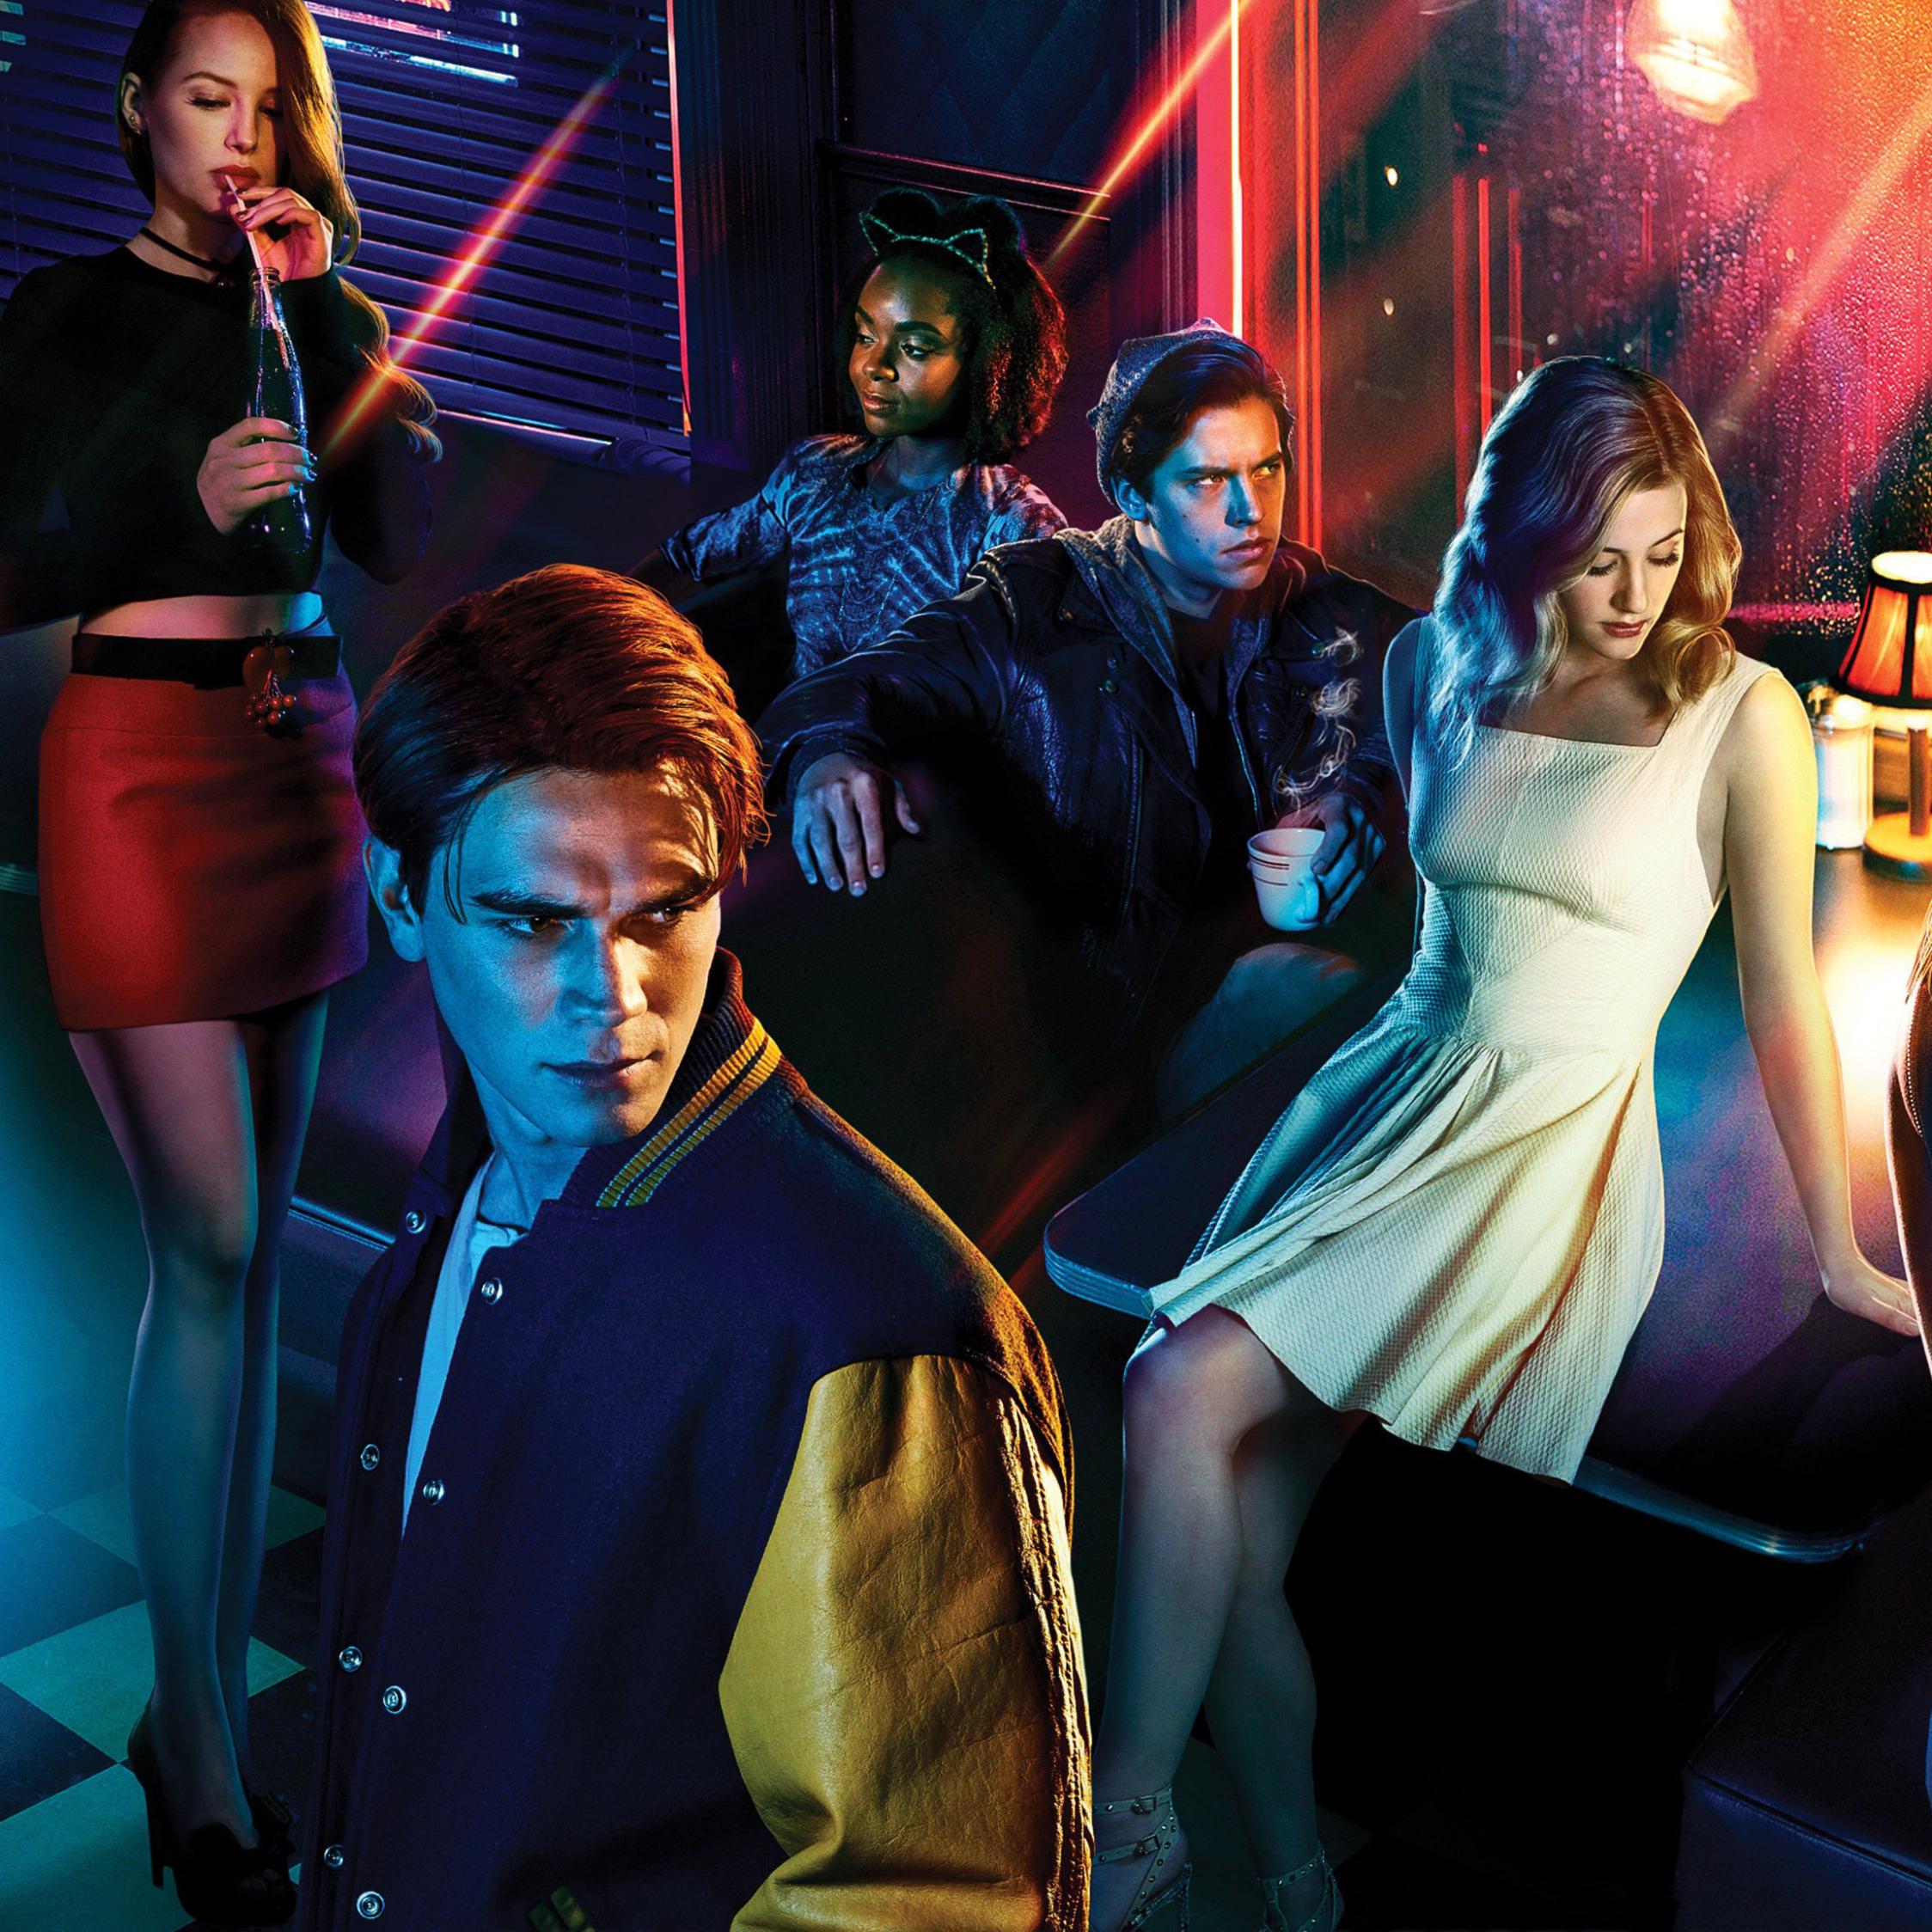 Riverdale Wallpaper: Download Riverdale Season 2 2248x2248 Resolution, HD 4K